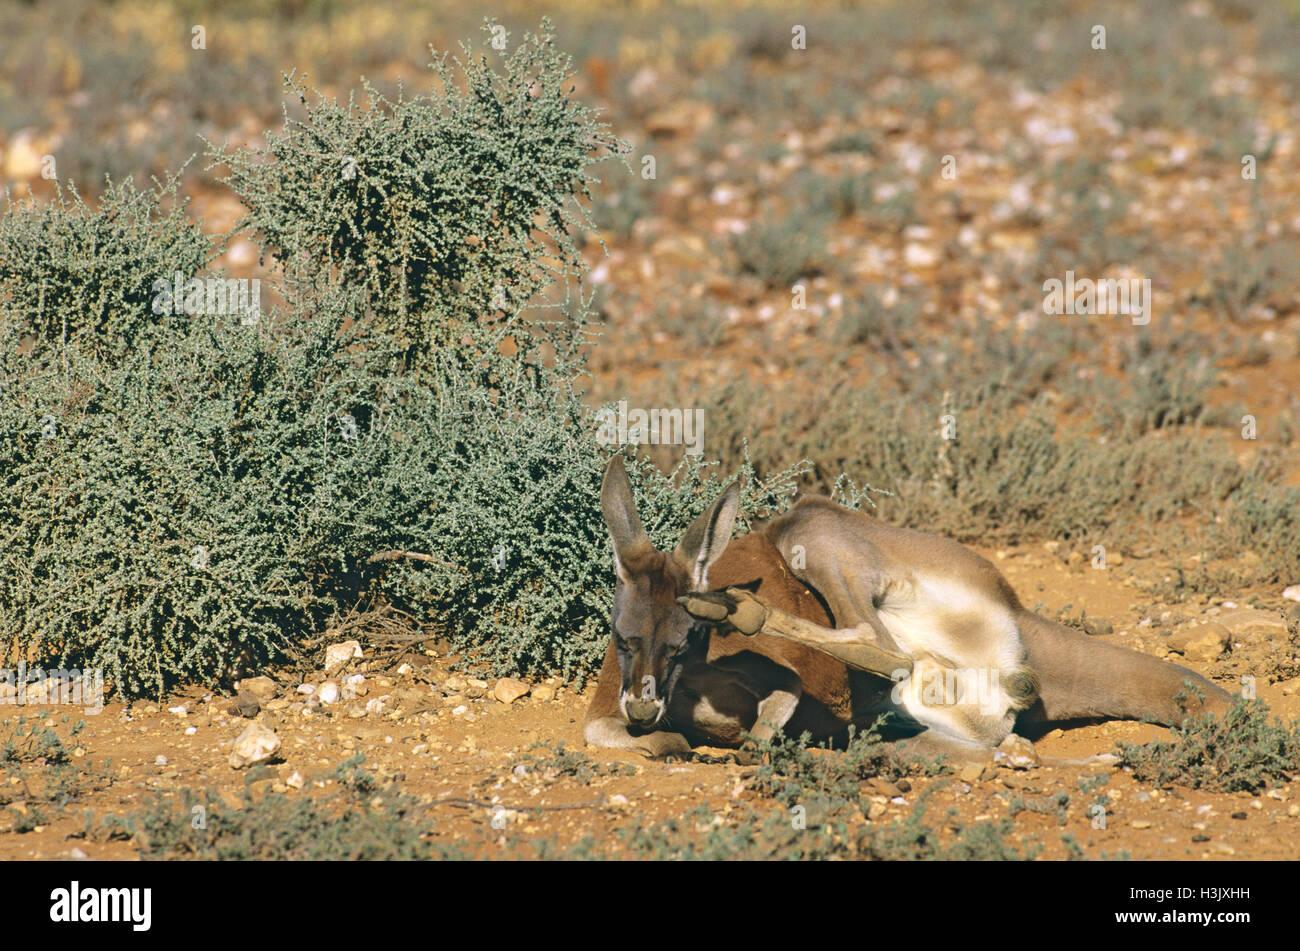 Red kangaroo (Macropus rufus) - Stock Image